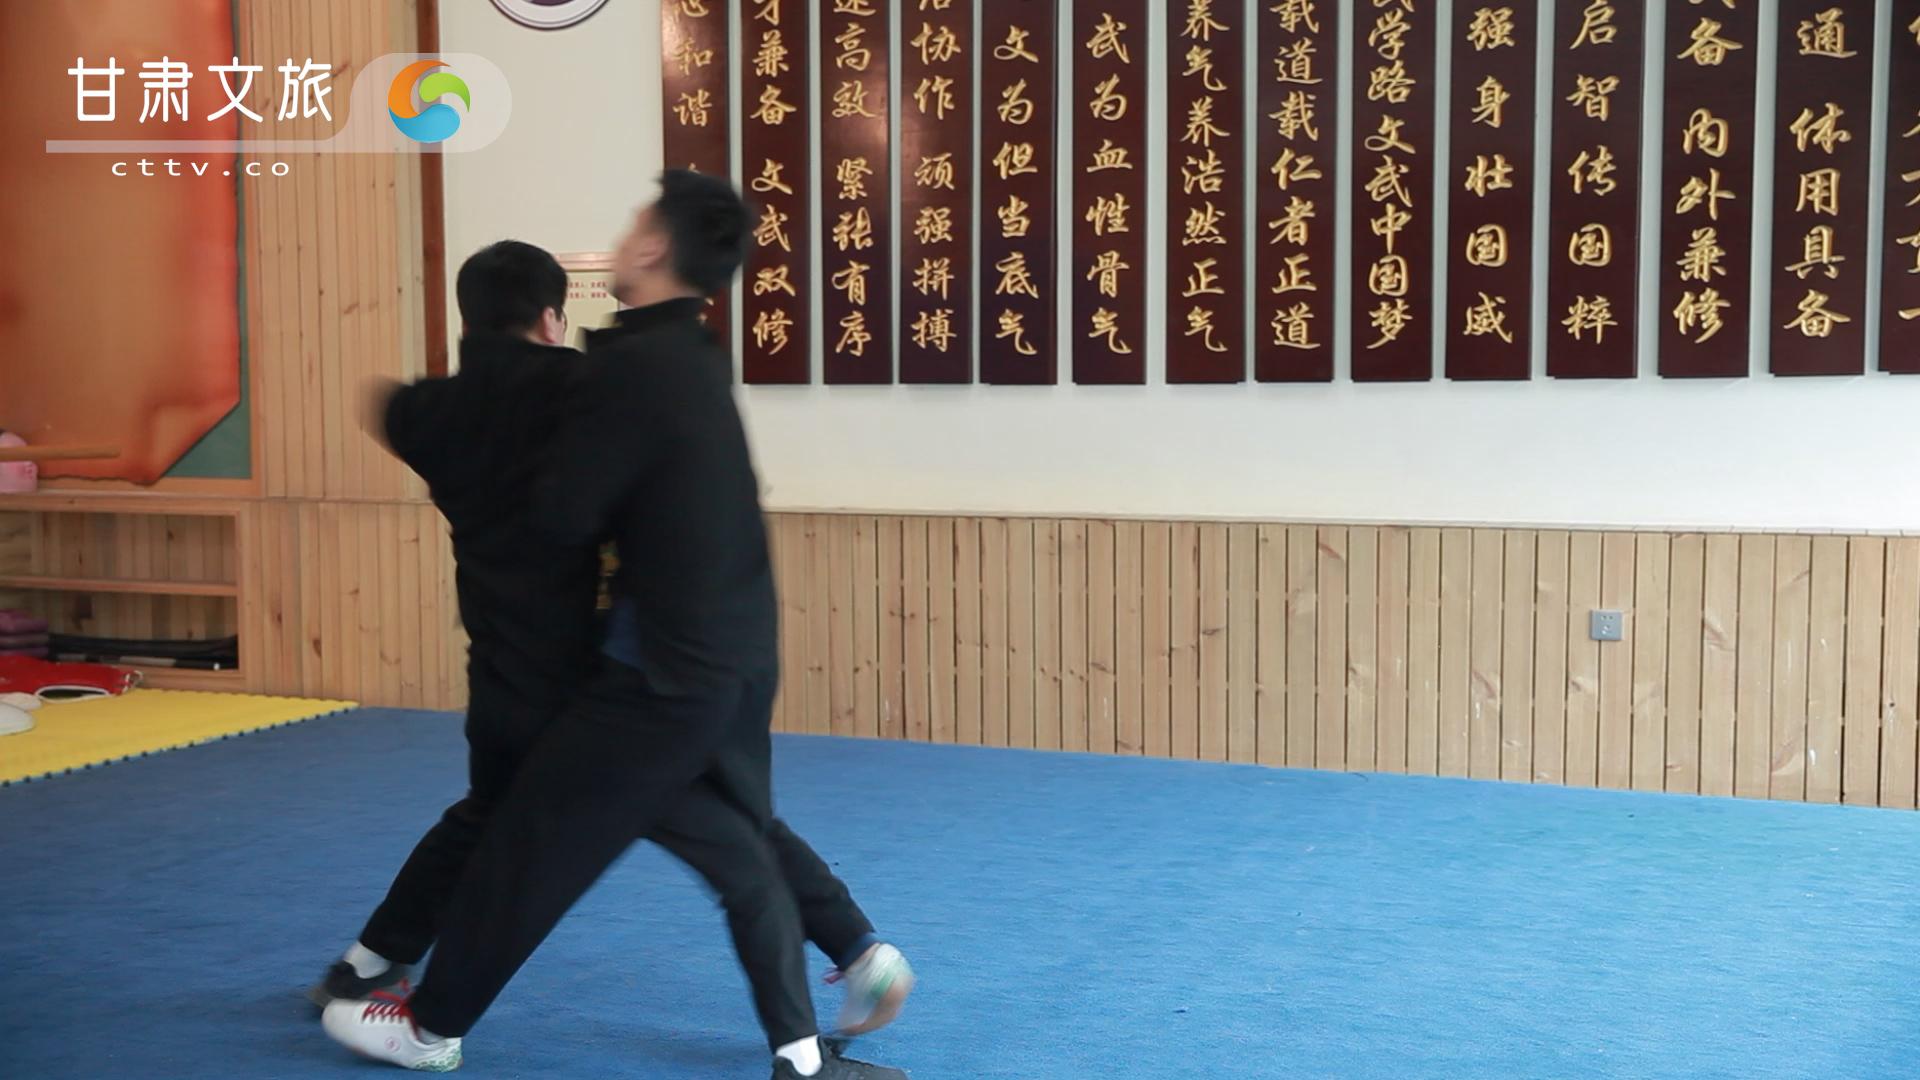 传统武术肘法,简单易学